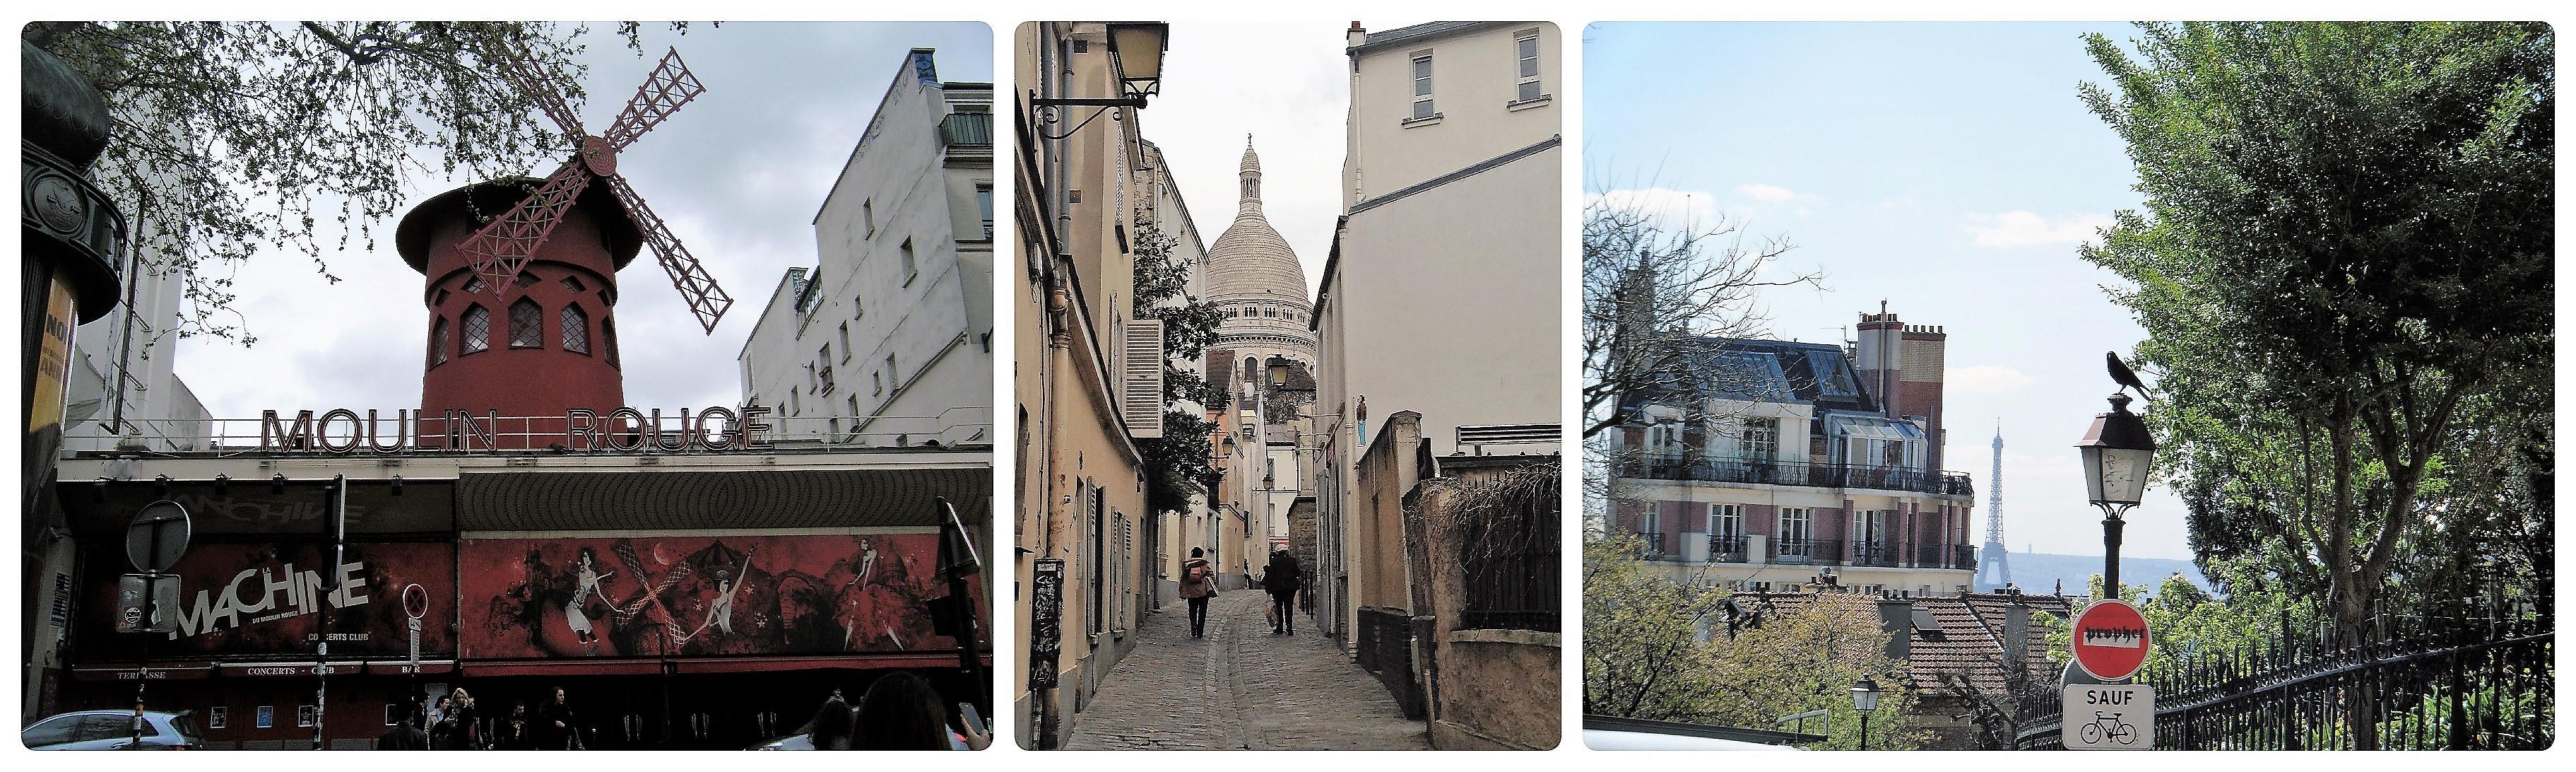 Montmatre Künstlerviertel in der Stadt der Liebe